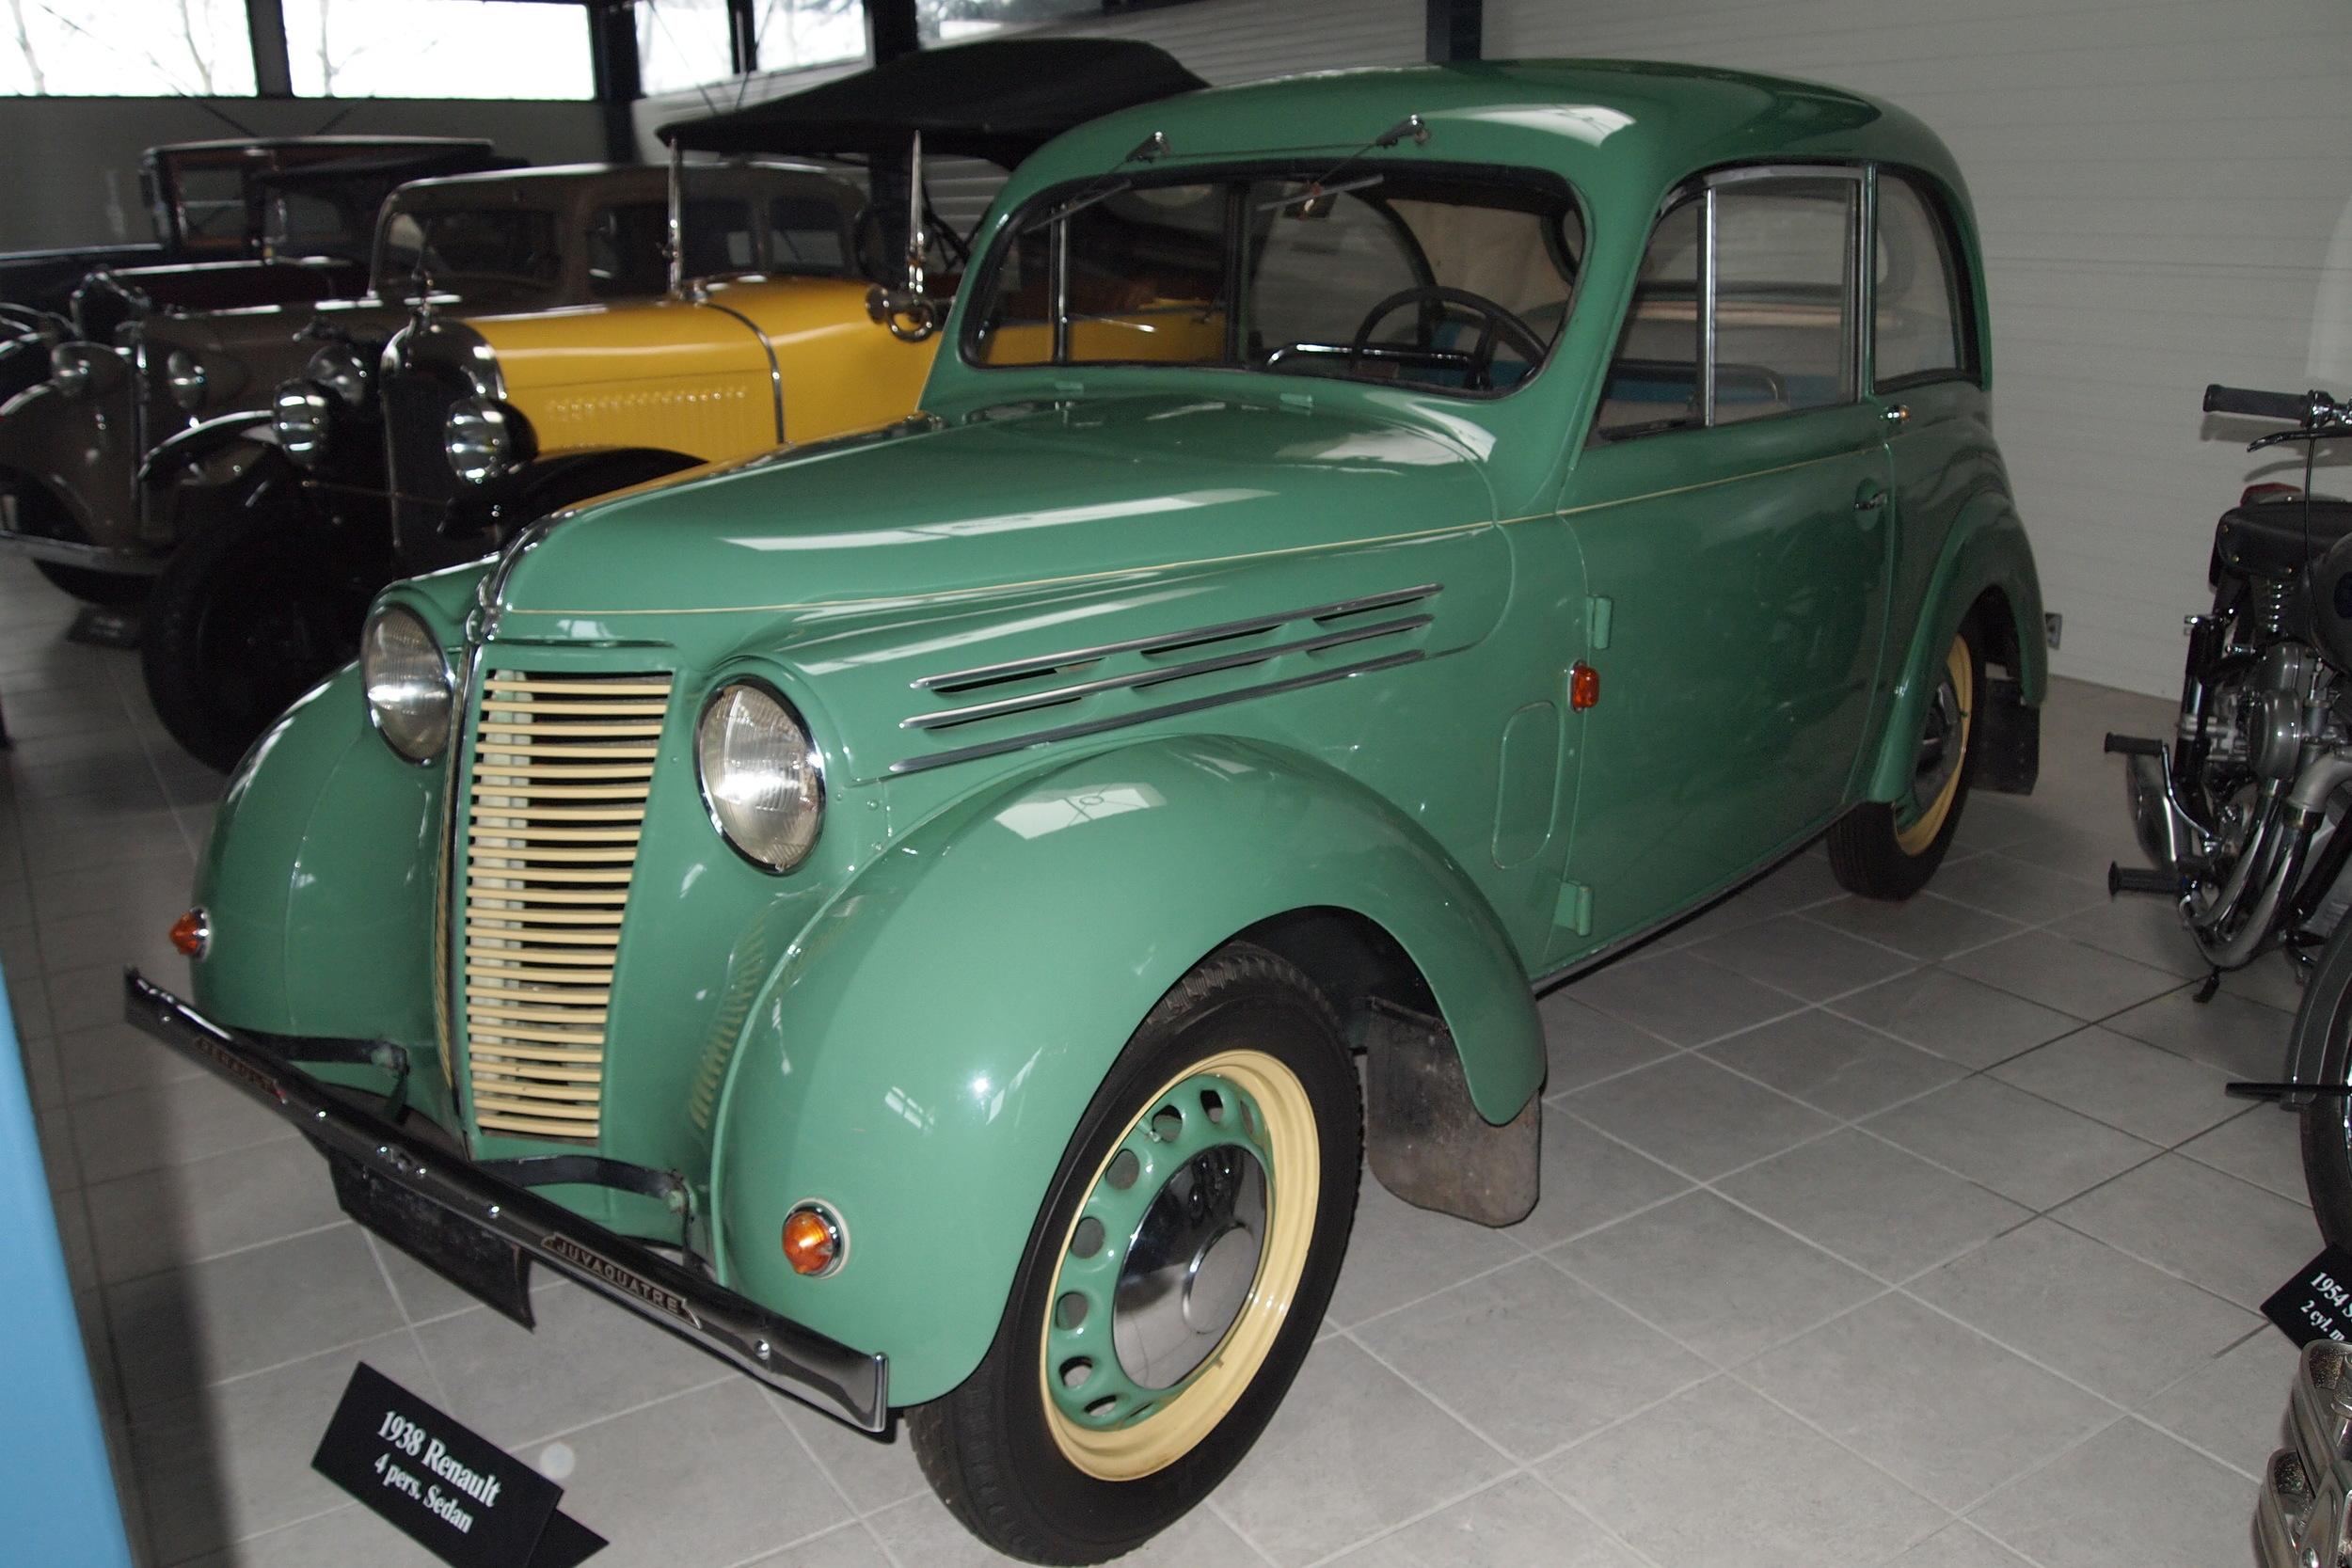 Der findes kun tre kendte Juvaquatre personbiler i Danmark. På det meget eksklusive Hindsgaul Madsen bilmuseum i Strib står denne særdeles fine Juvaquatre. Den blev solgt som ny i 1938 hos SMC i Odense. Førkrigsbilerne kendes typisk ved at de er todørs berline (sedan), hvor de efter krigen kom med fire døre.